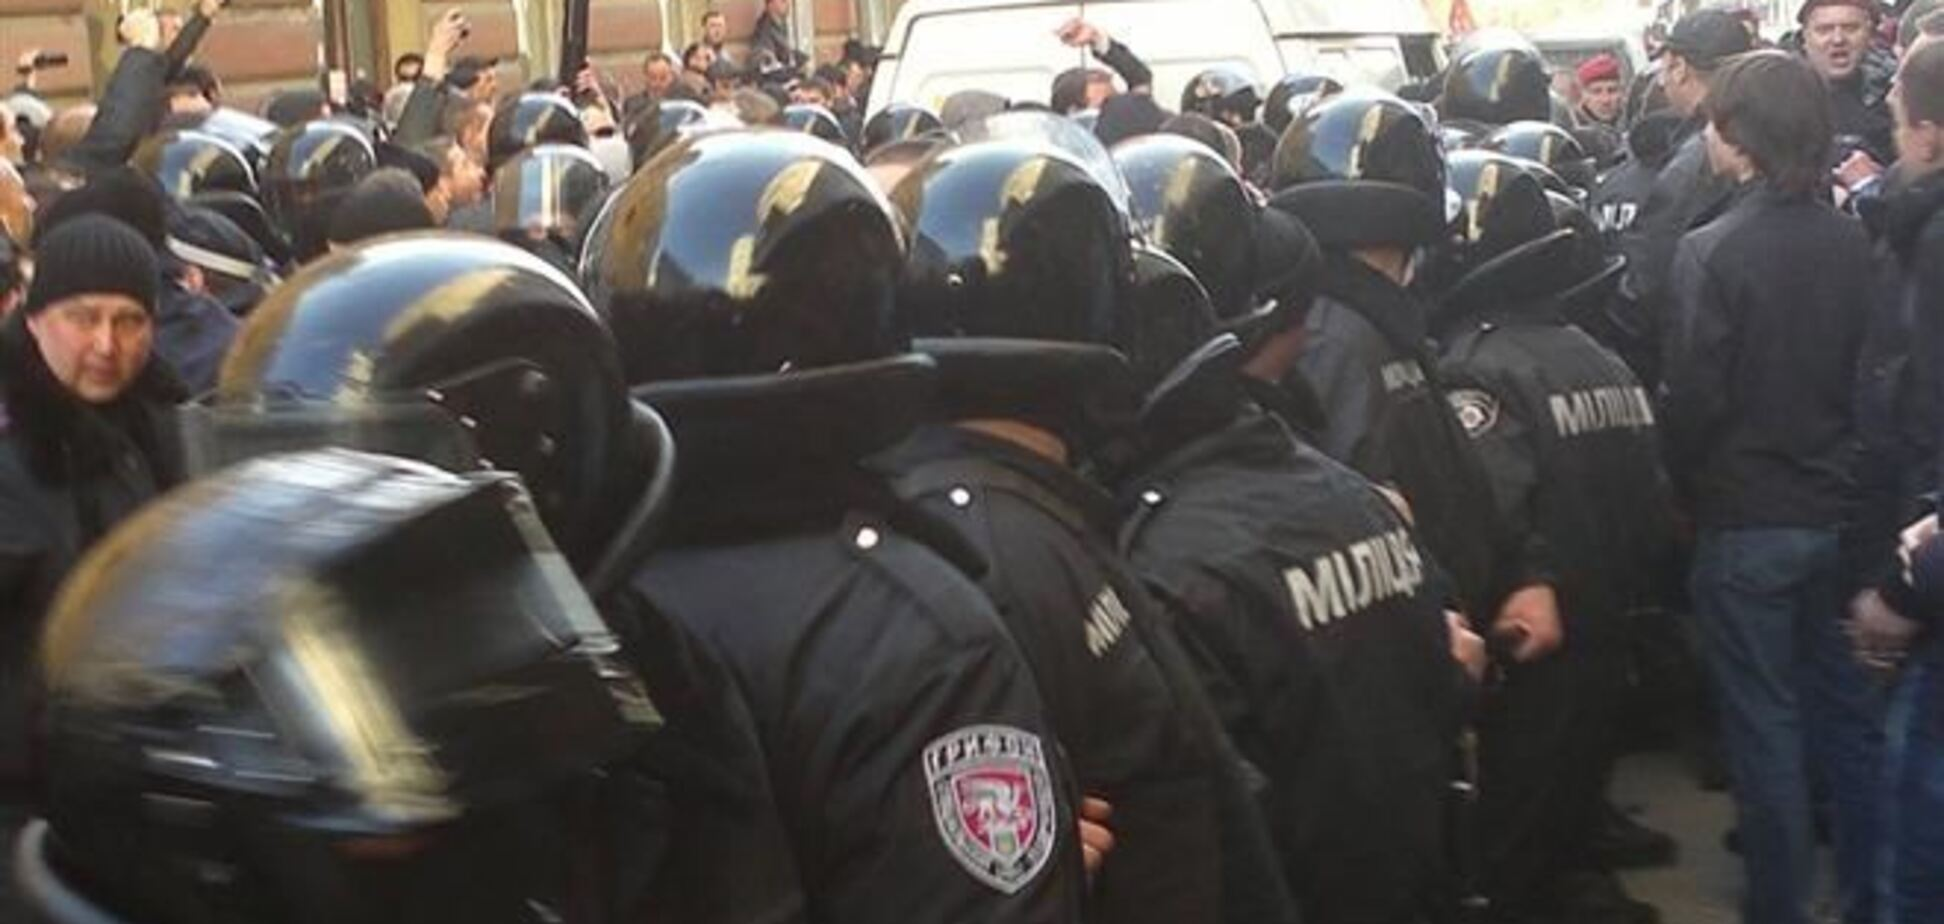 Луганская милиция приведена в состояние боевой готовности